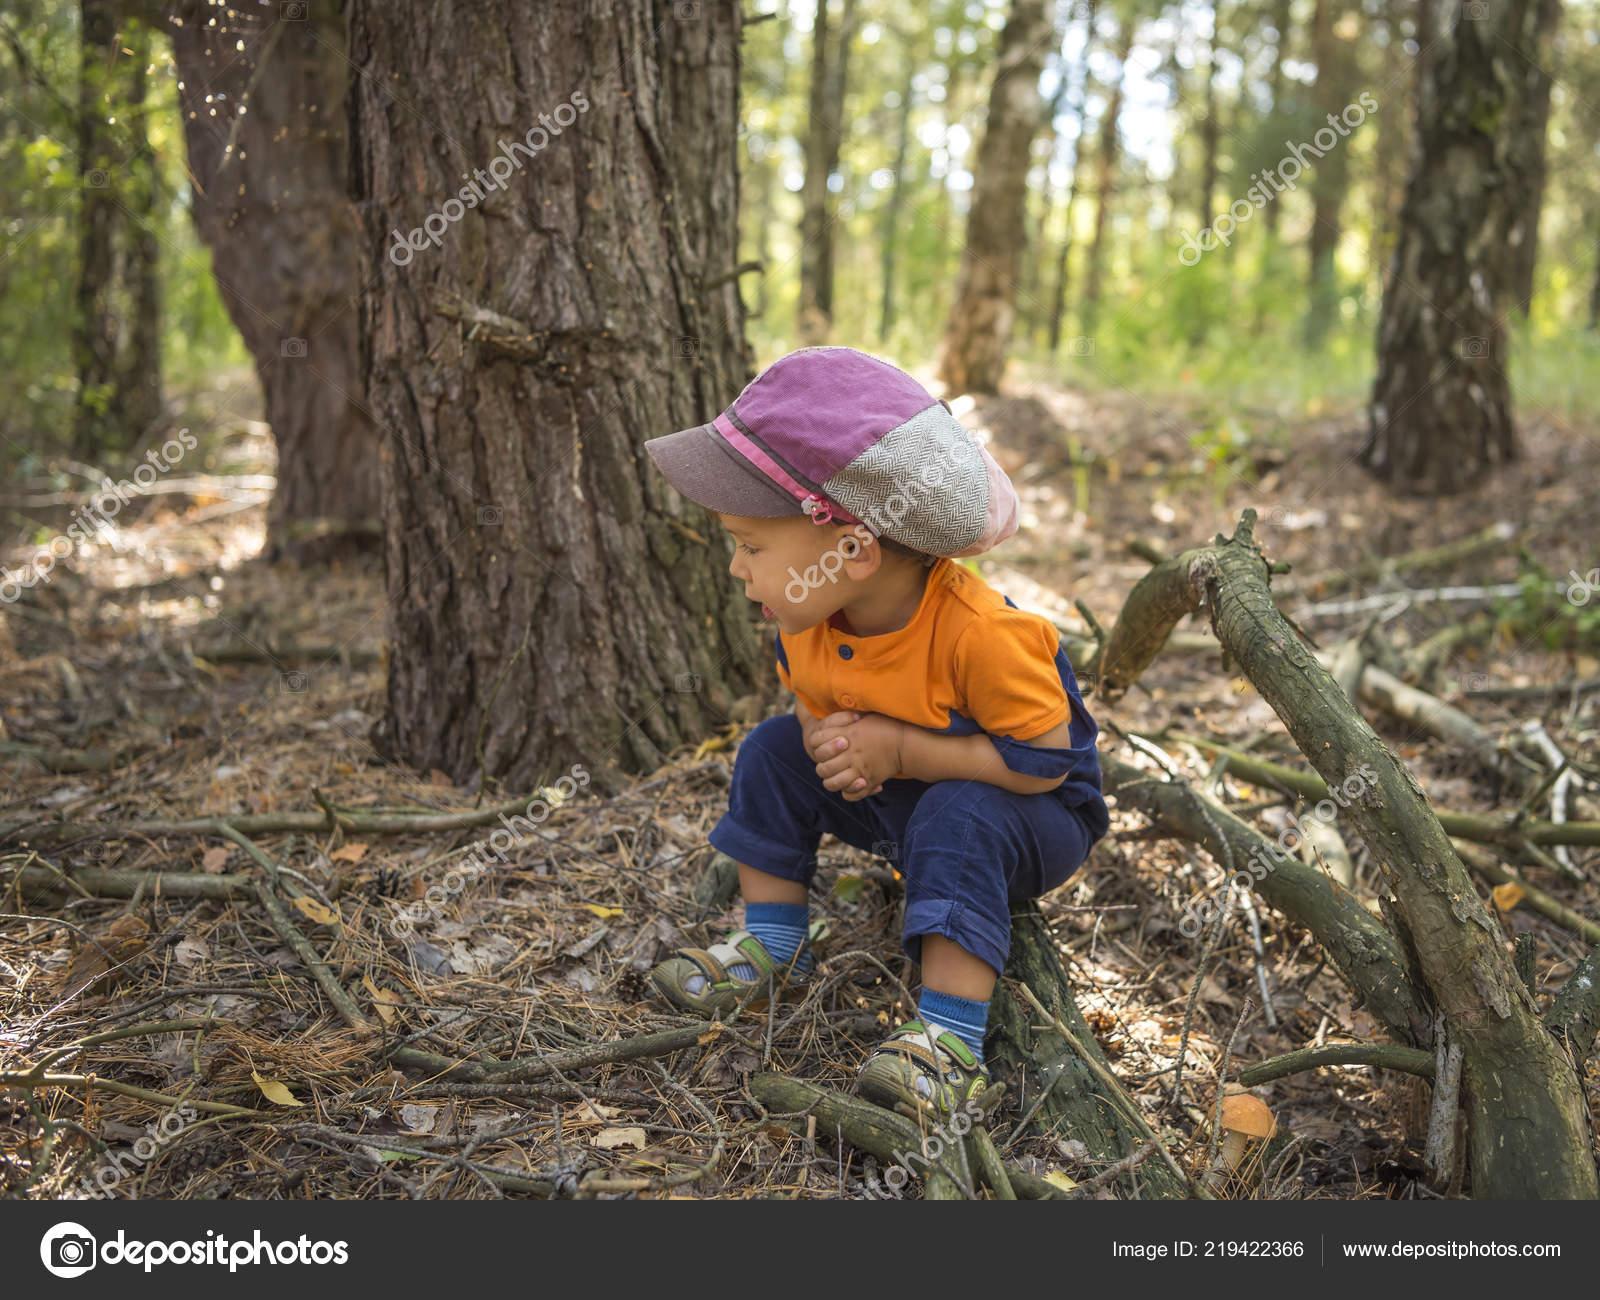 Niedlichen Lächelnde Junge Hut Den Herbstlichen Wald Der